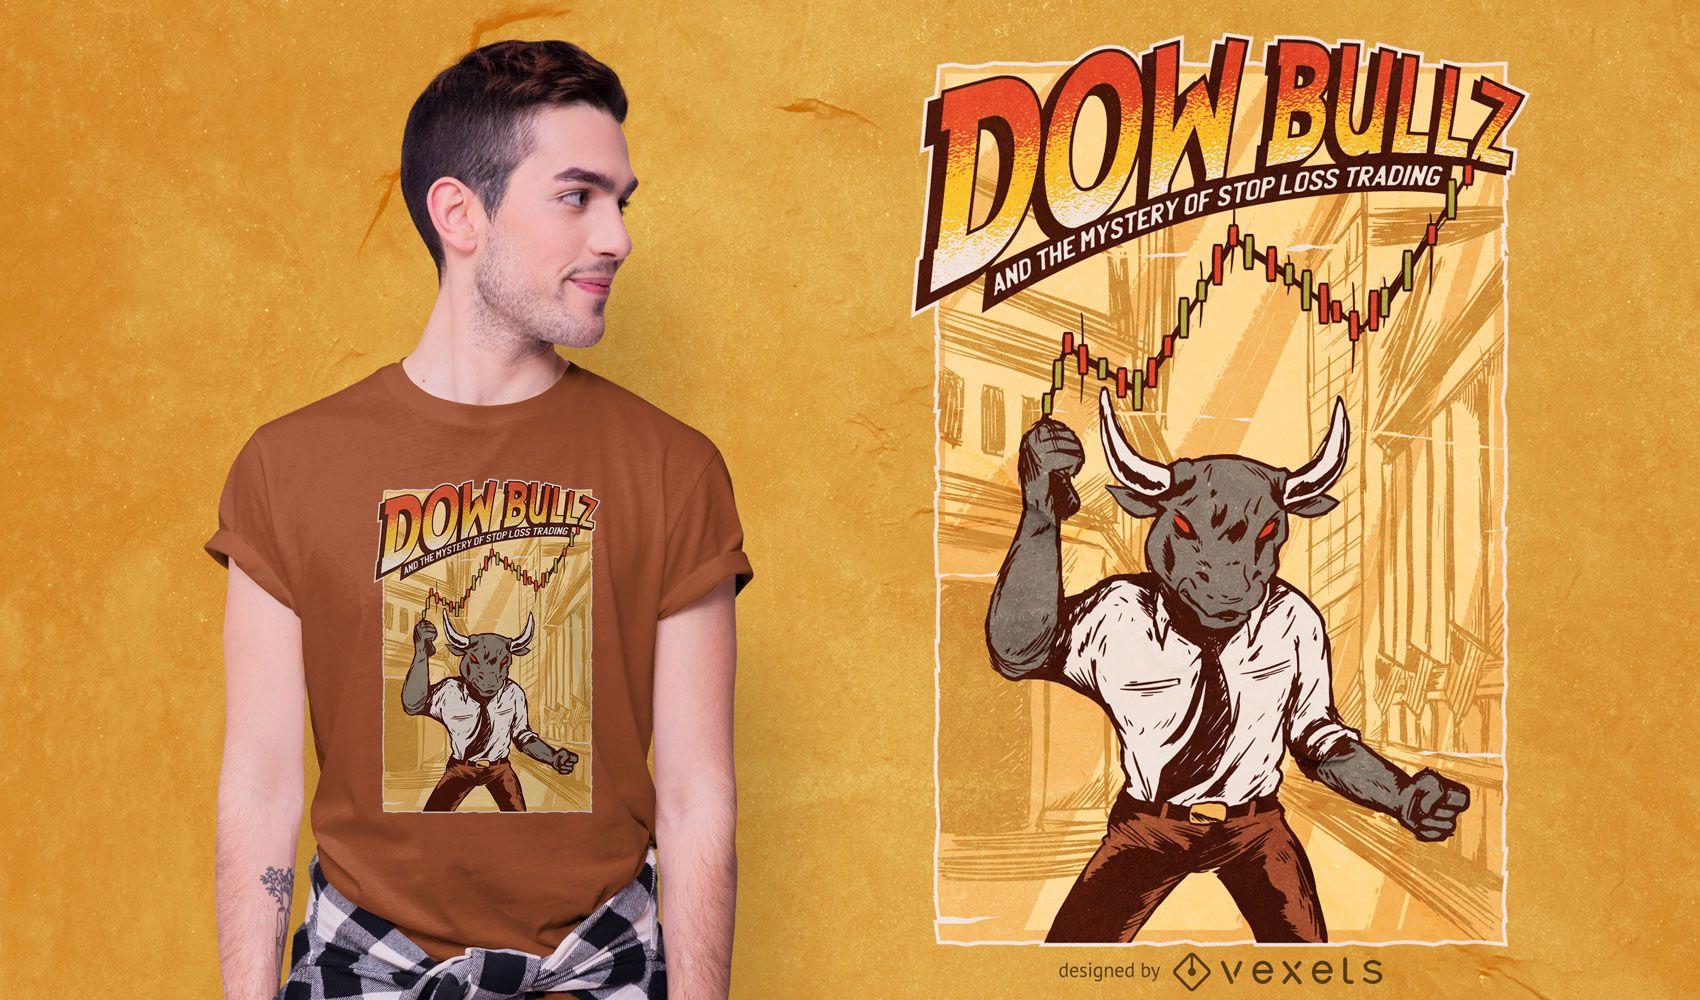 Dow bullz t-shirt design